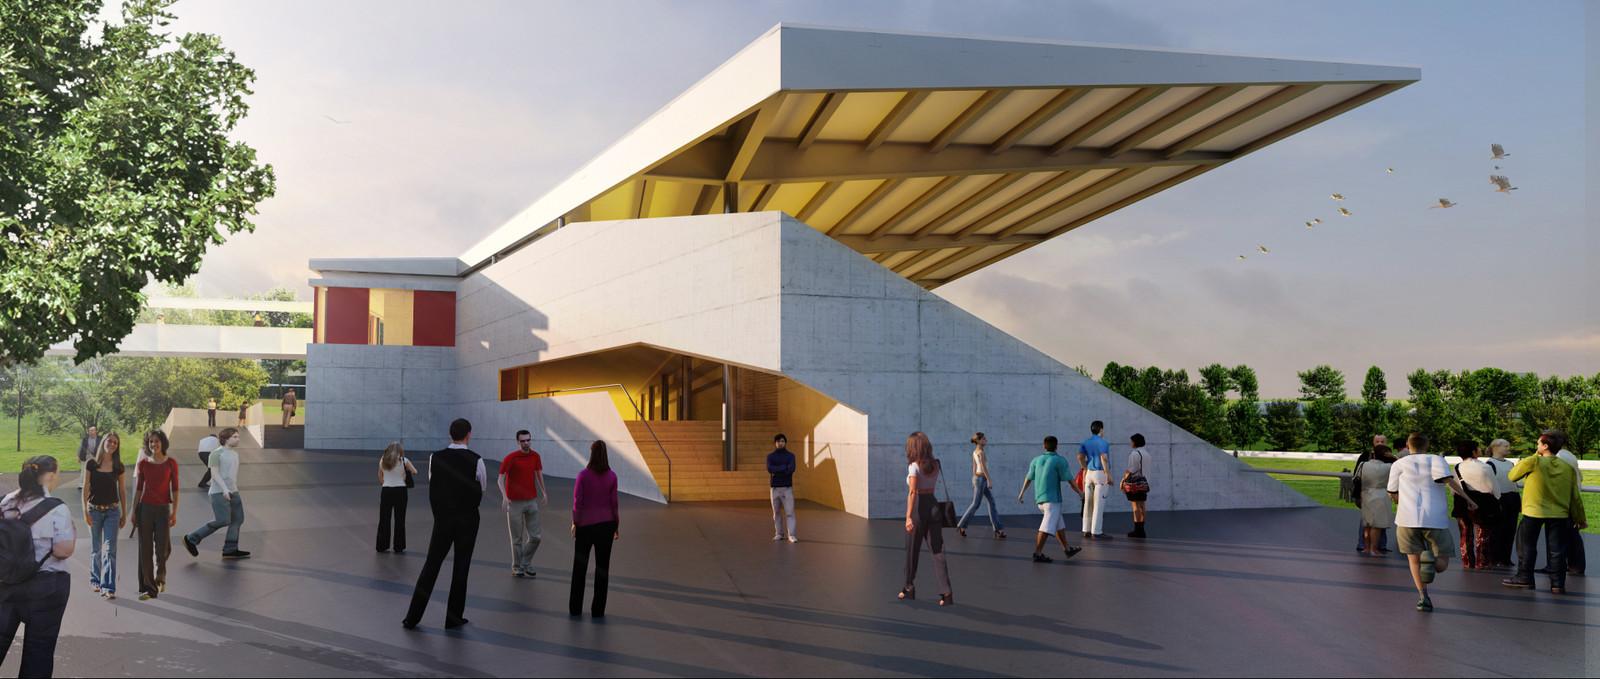 Architekturvisualisierung Stuttgart wettbewerb tribühnengebäude differdange asp architekten